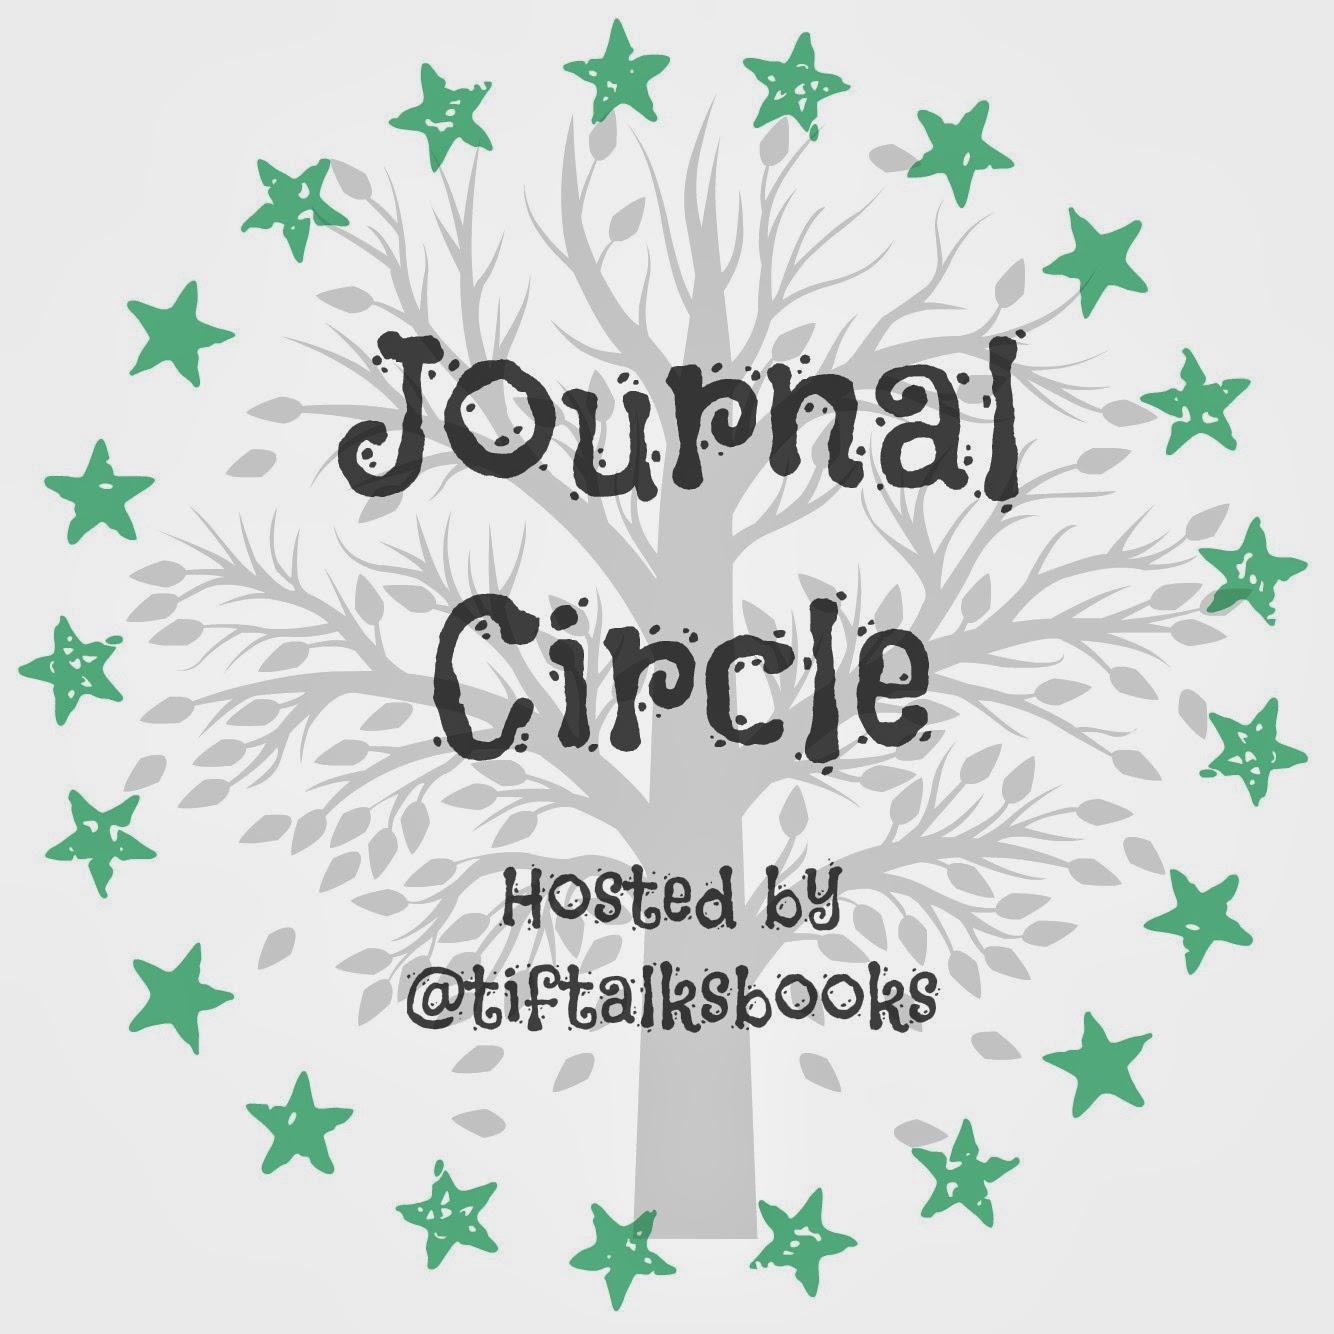 Journal Circle